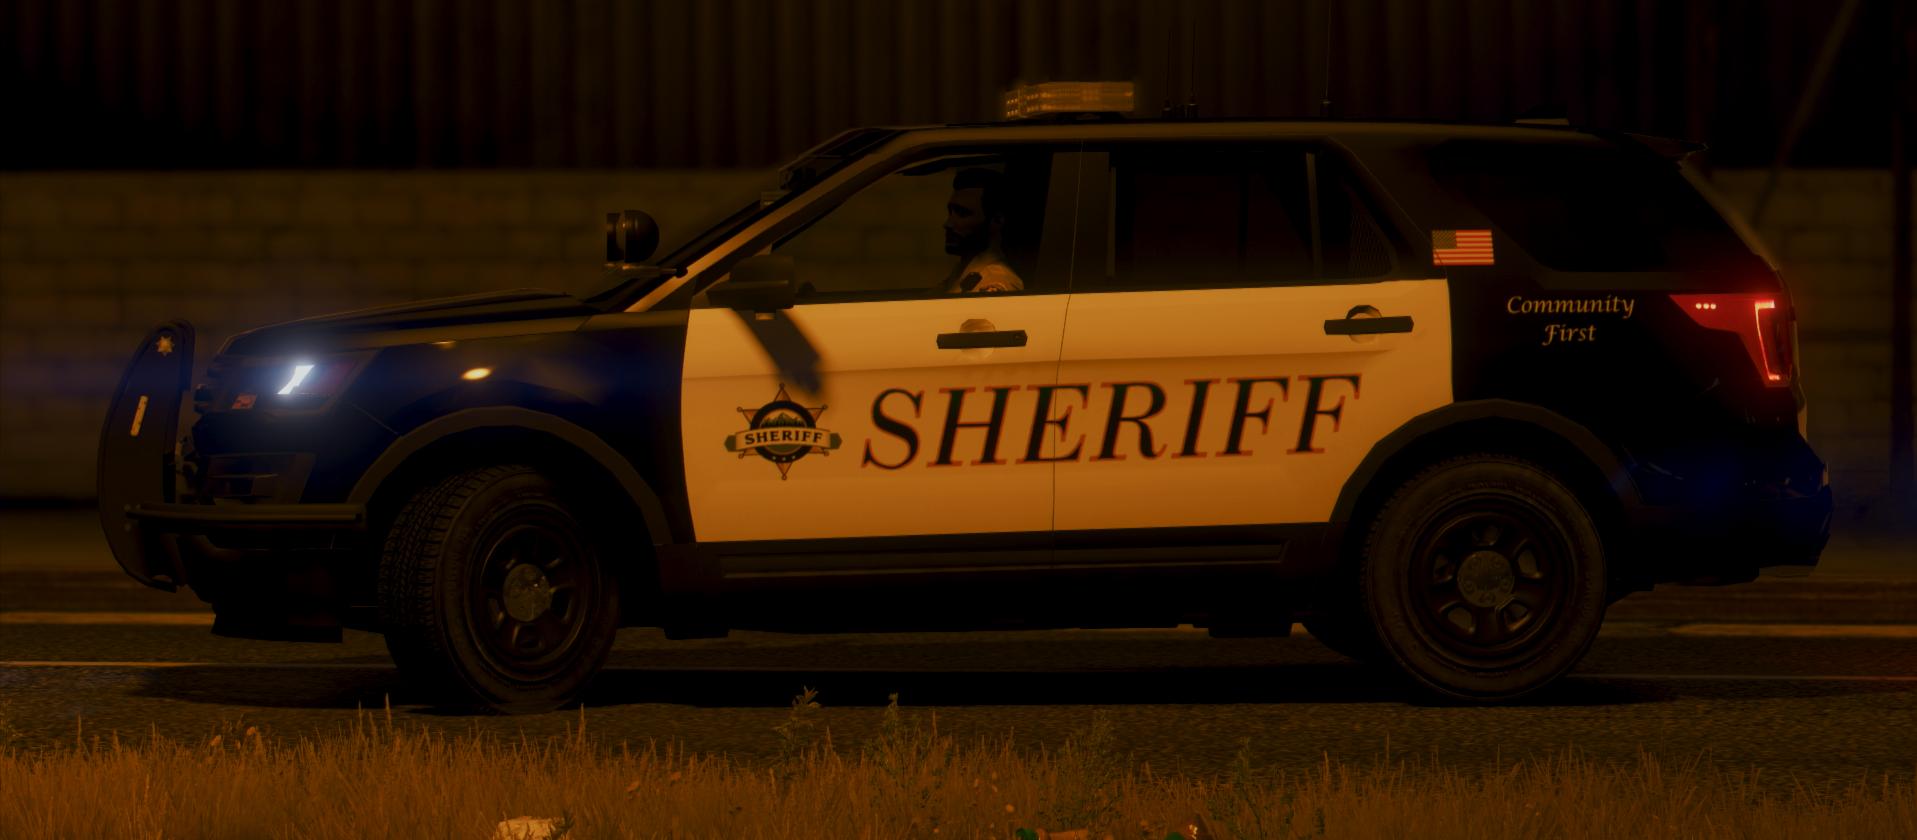 bcso - snohomish based sheriff  4k